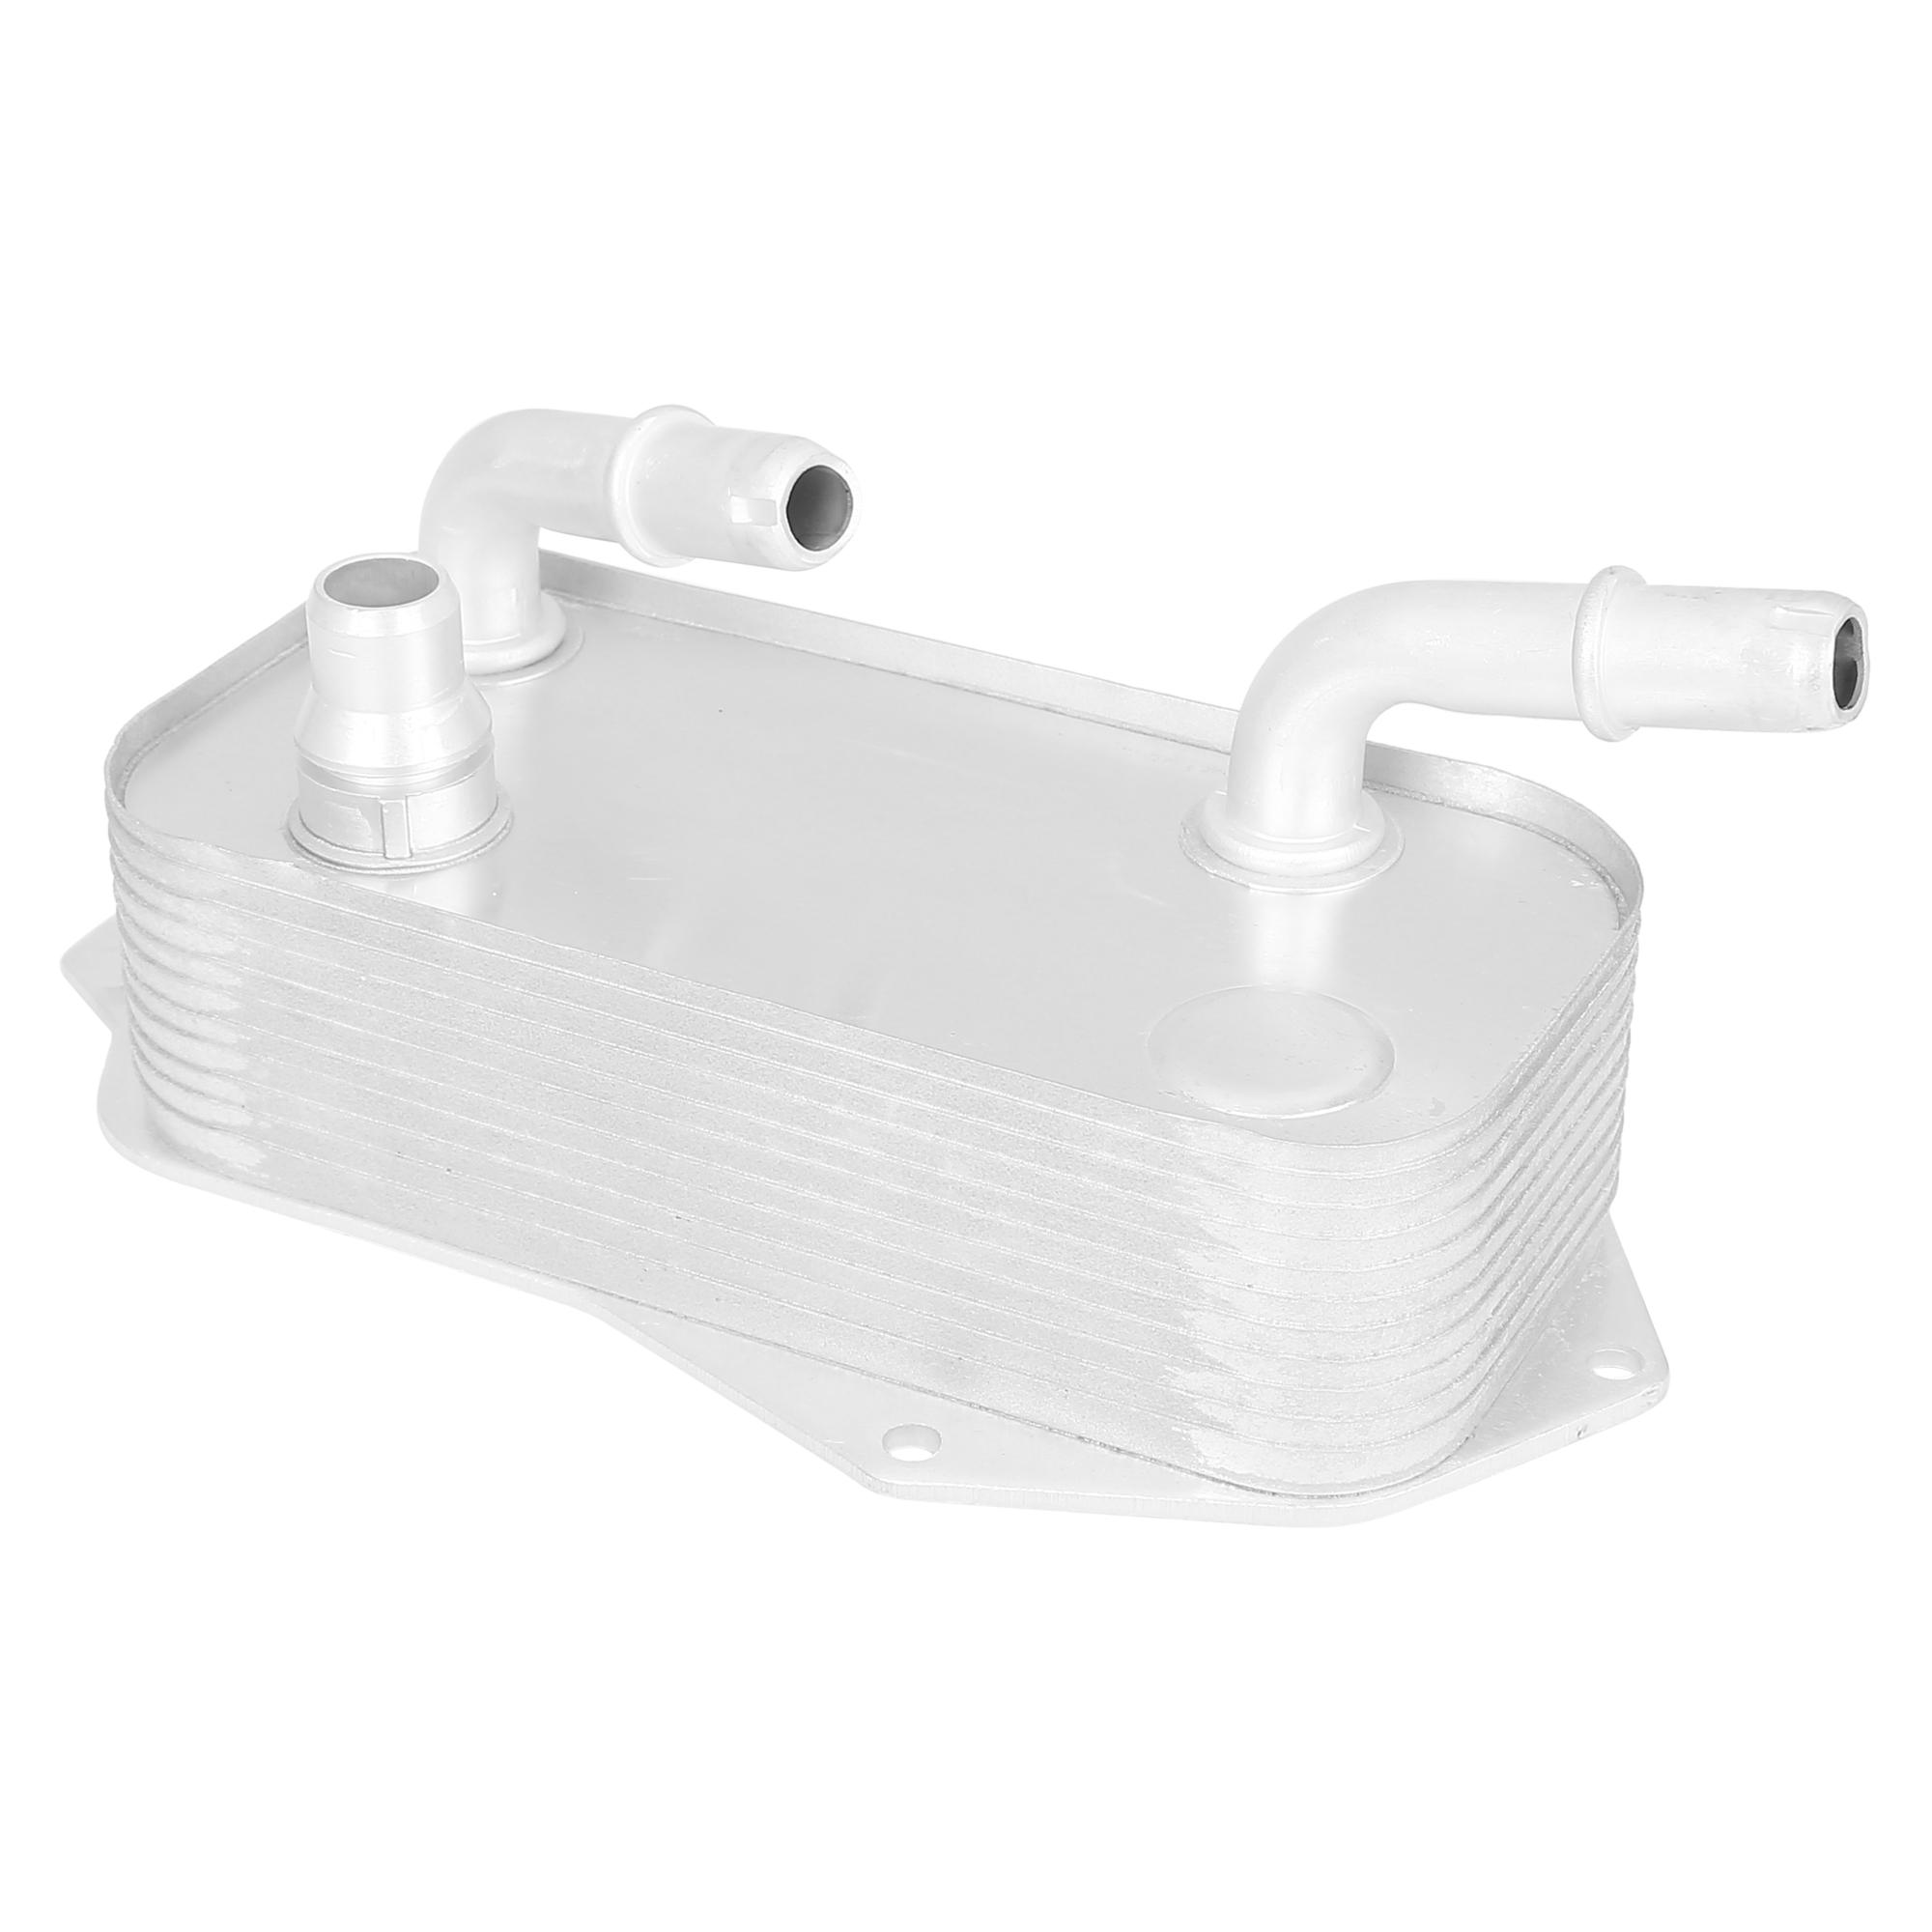 17217551647 Car Transmission Heat Exchanger Oil Cooler for BMW 328i xDrive 09-13